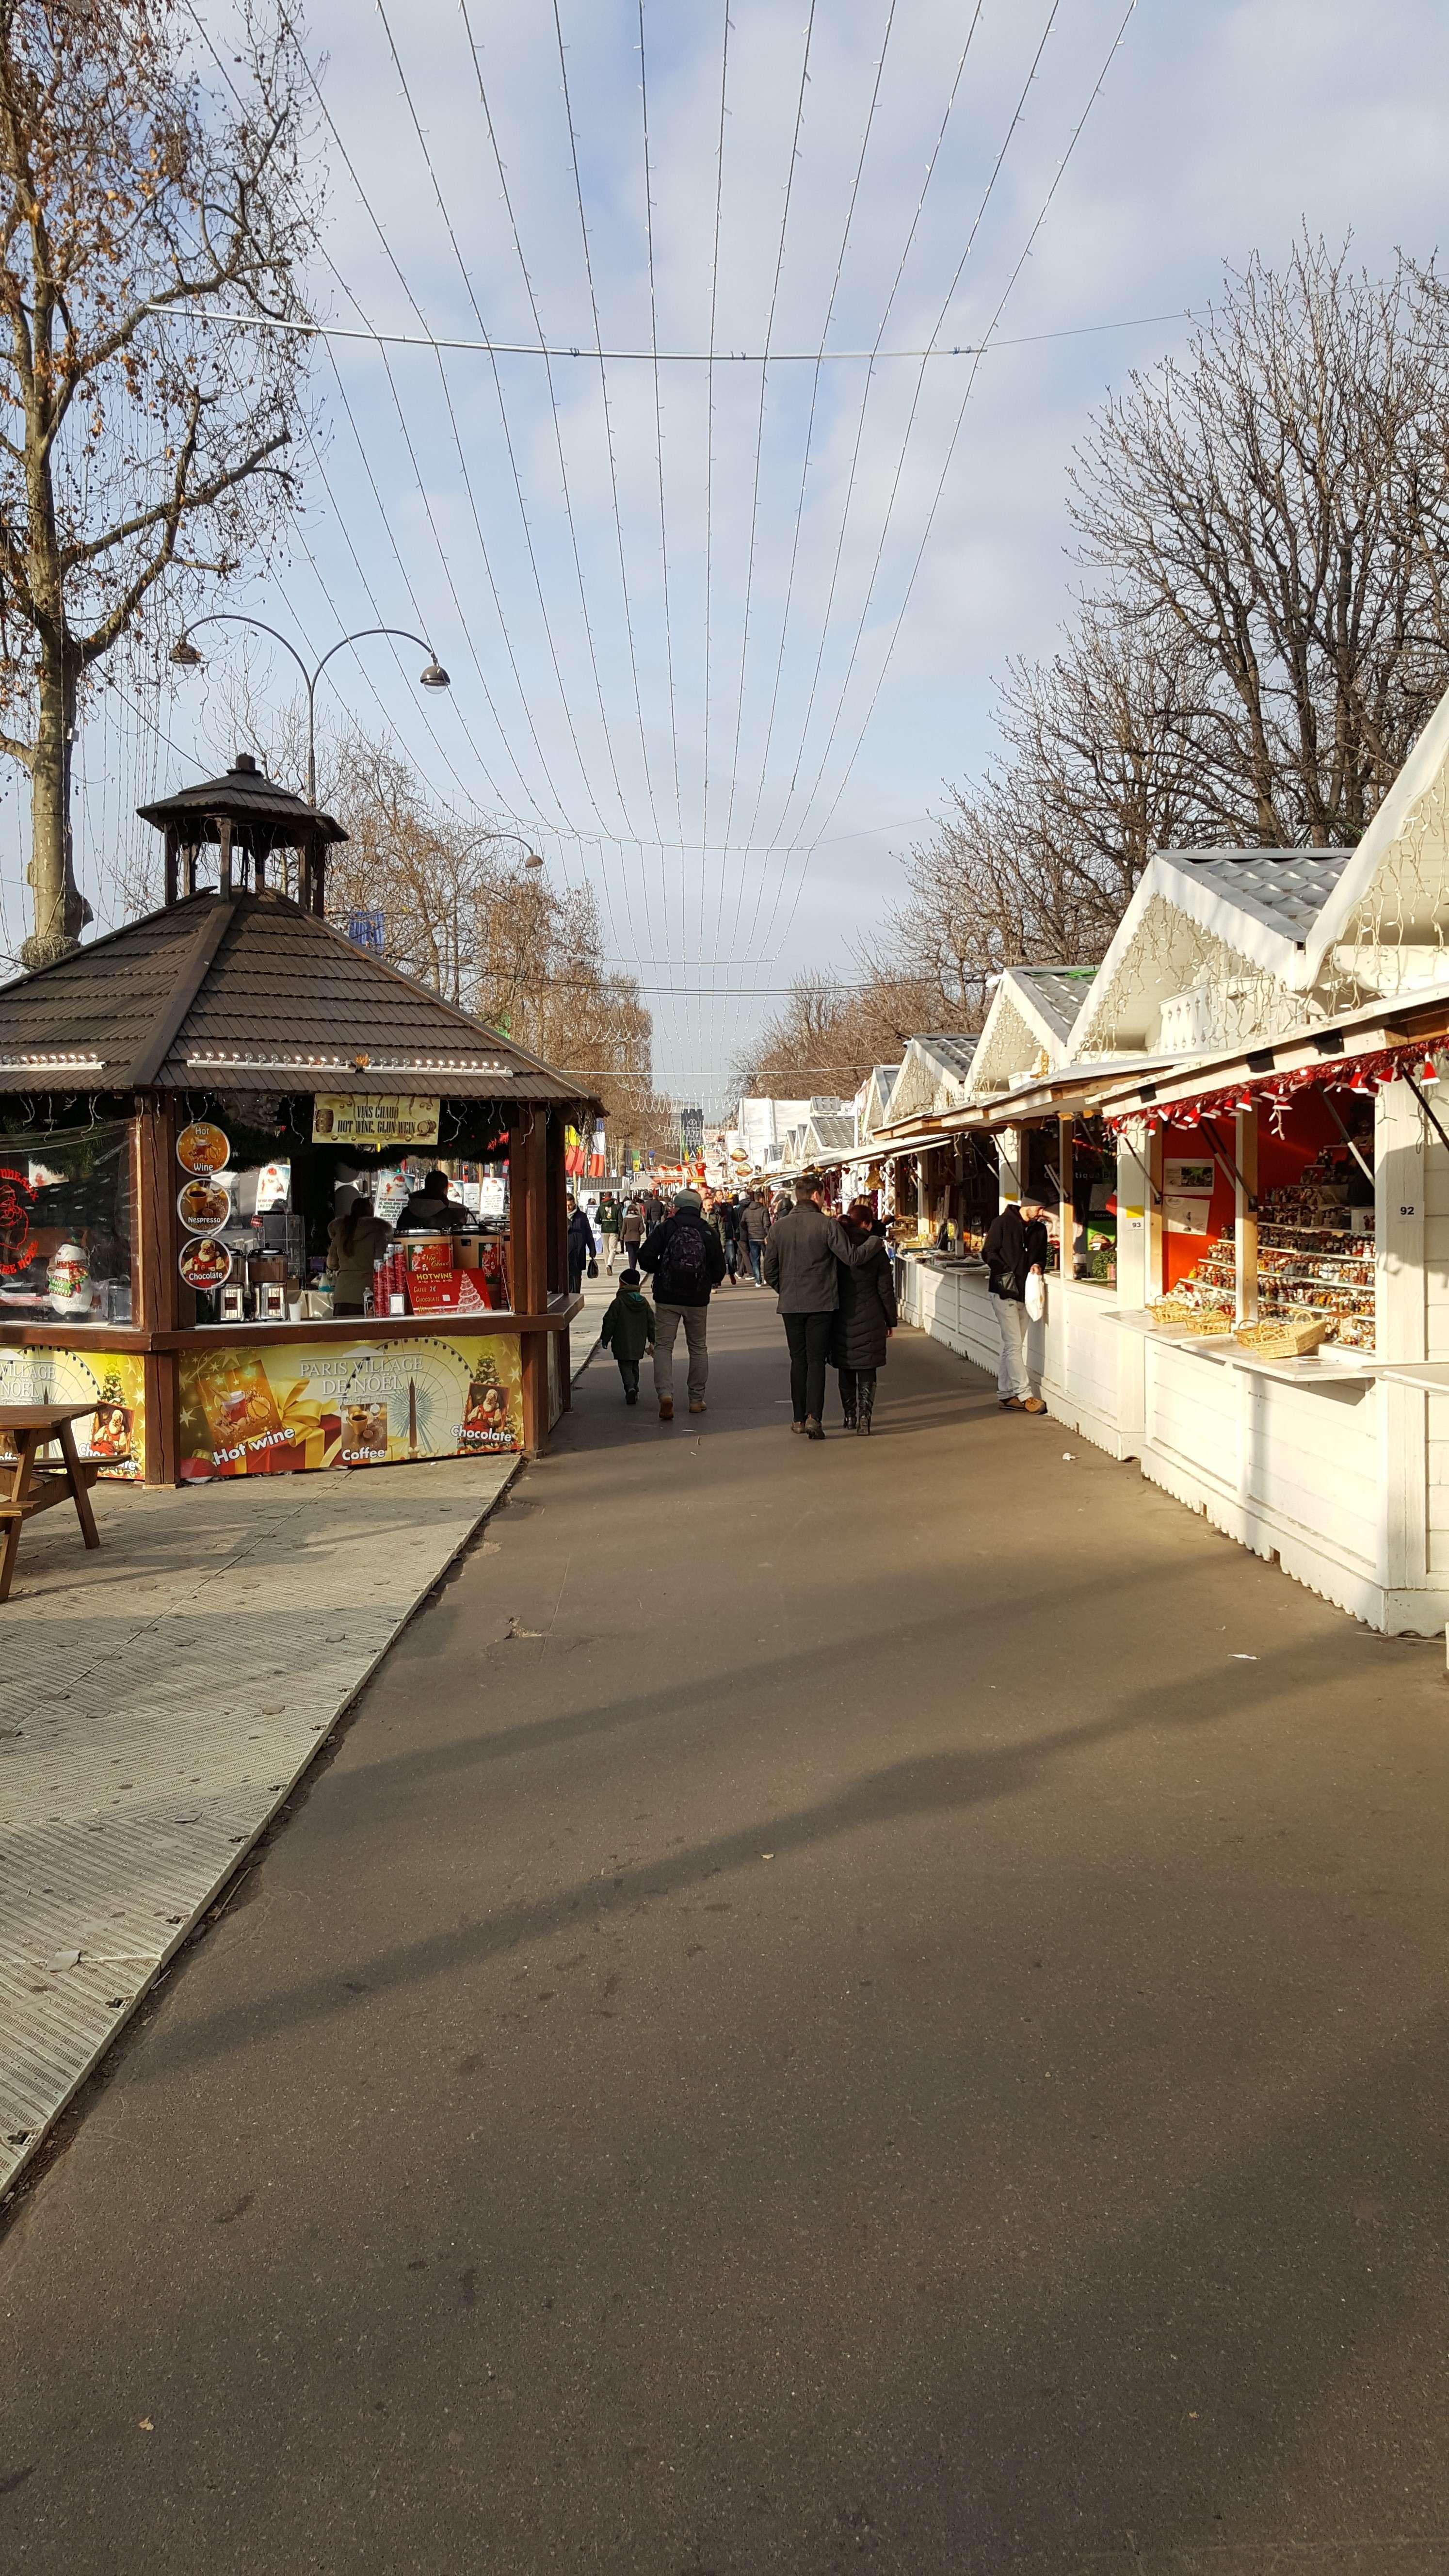 Dimineata, destul de putinà lume pe Champs-Elysées unde târgul de Cràciun de abia îsi deschide portile